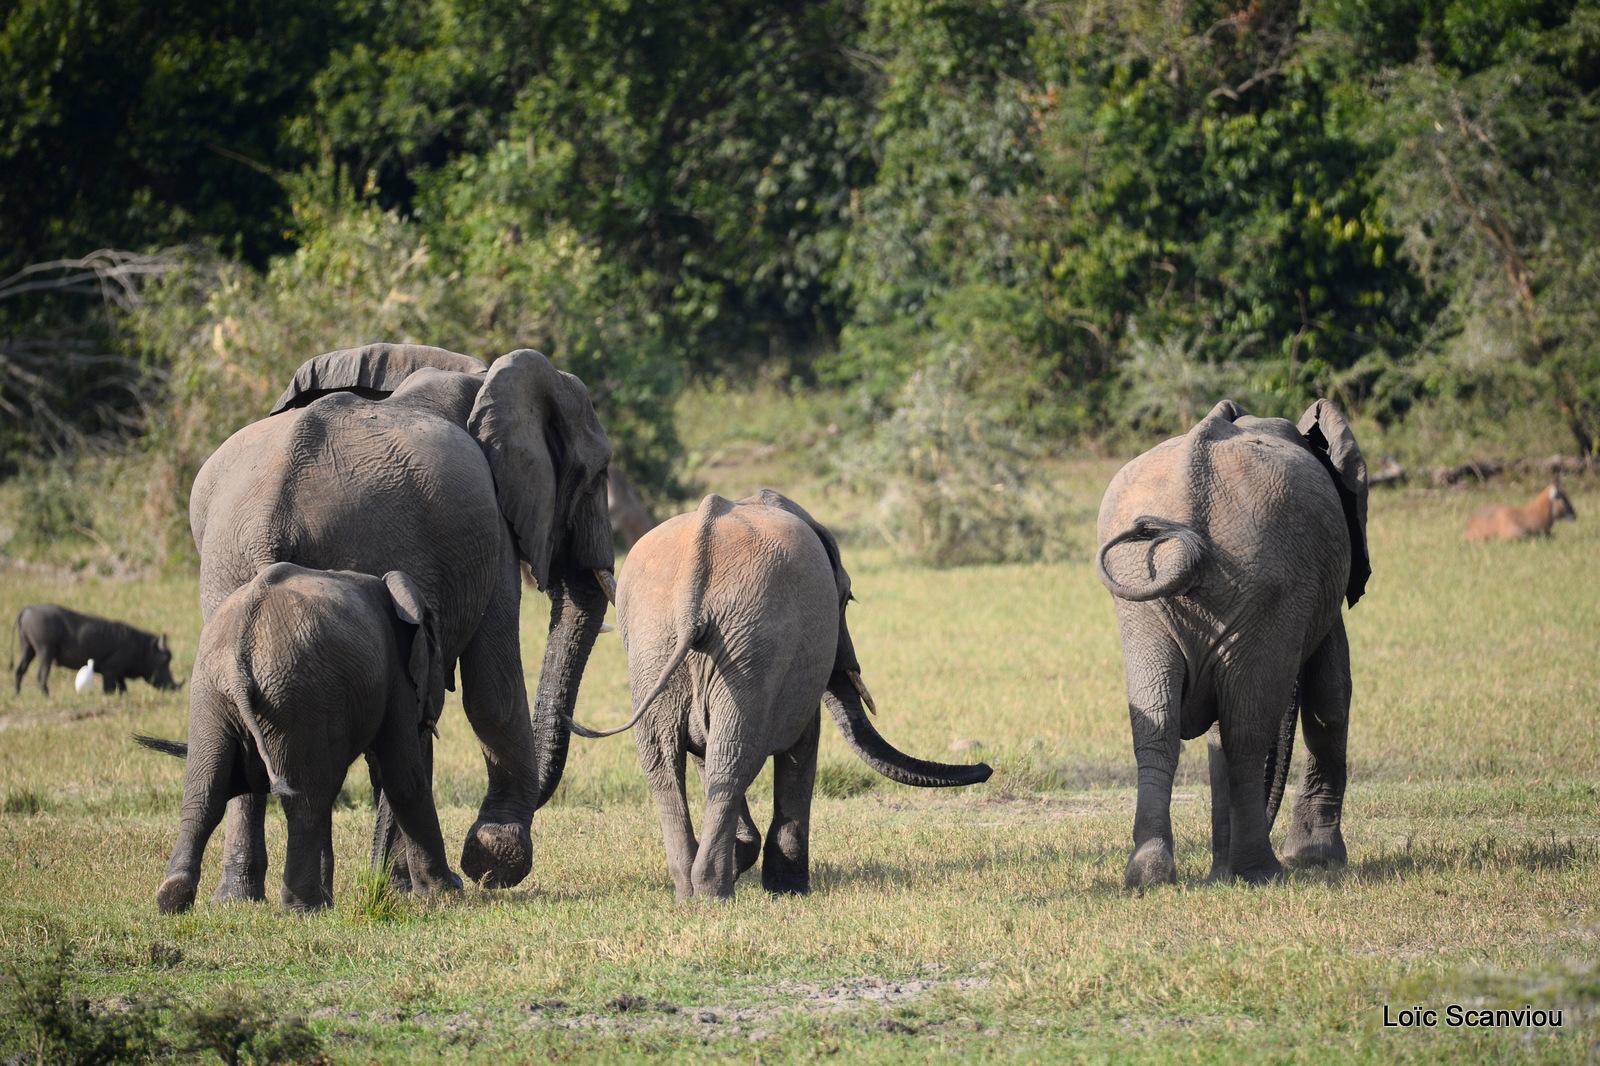 Éléphant de savane d'Afrique/Savanna Elephant (23)